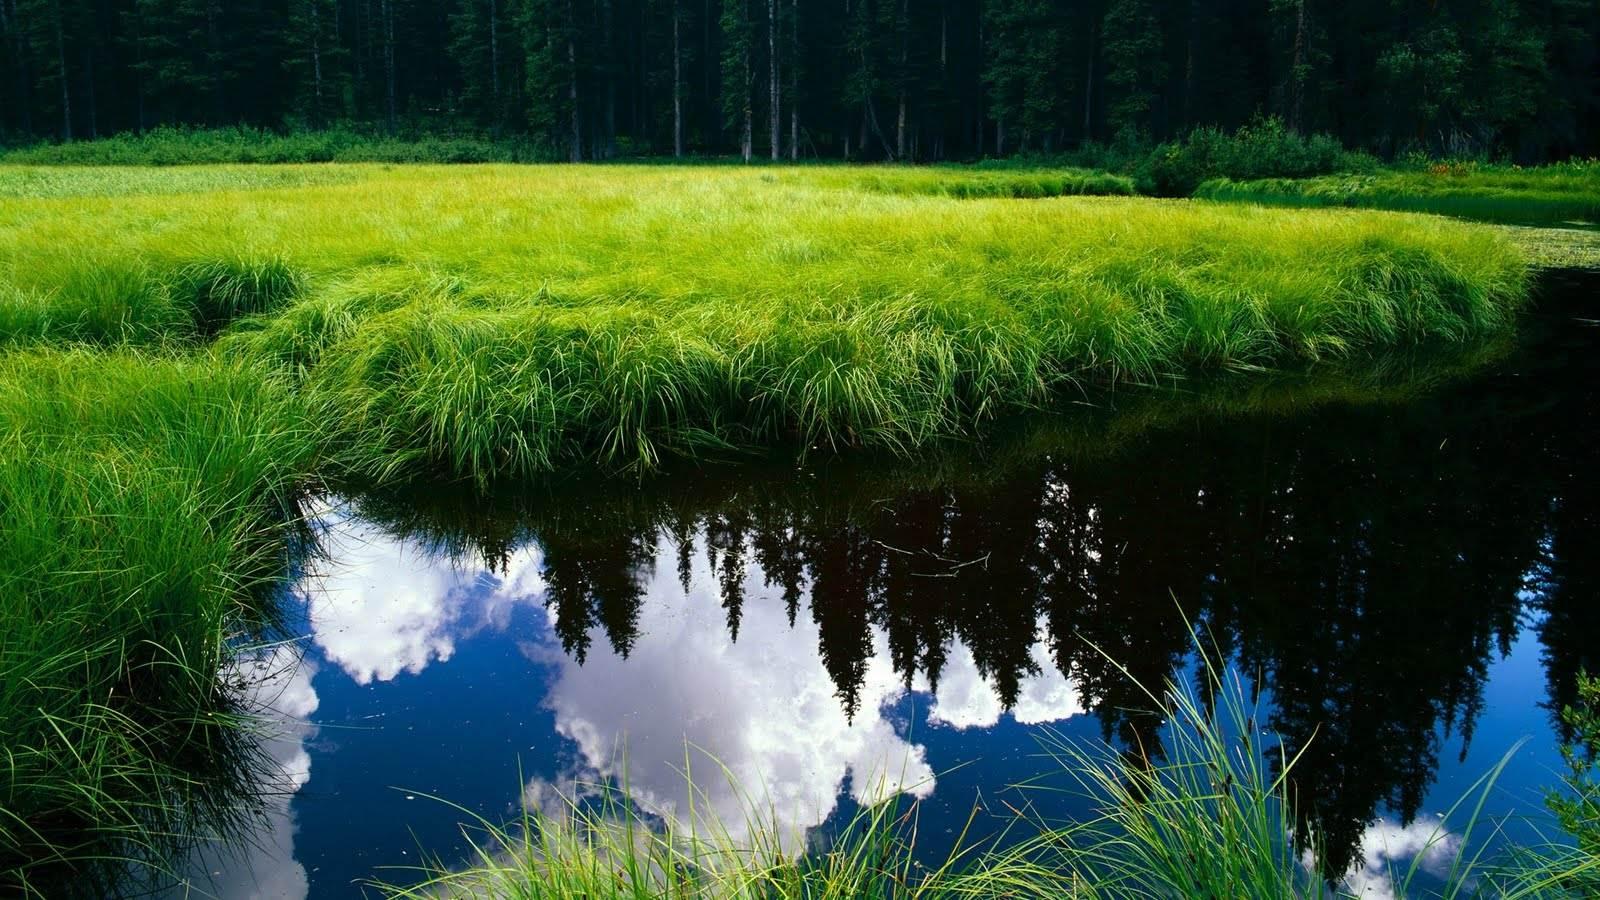 Ảnh phong cảnh thiên nhiên mặt hồ xanh ngắt và bãi cỏ xanh